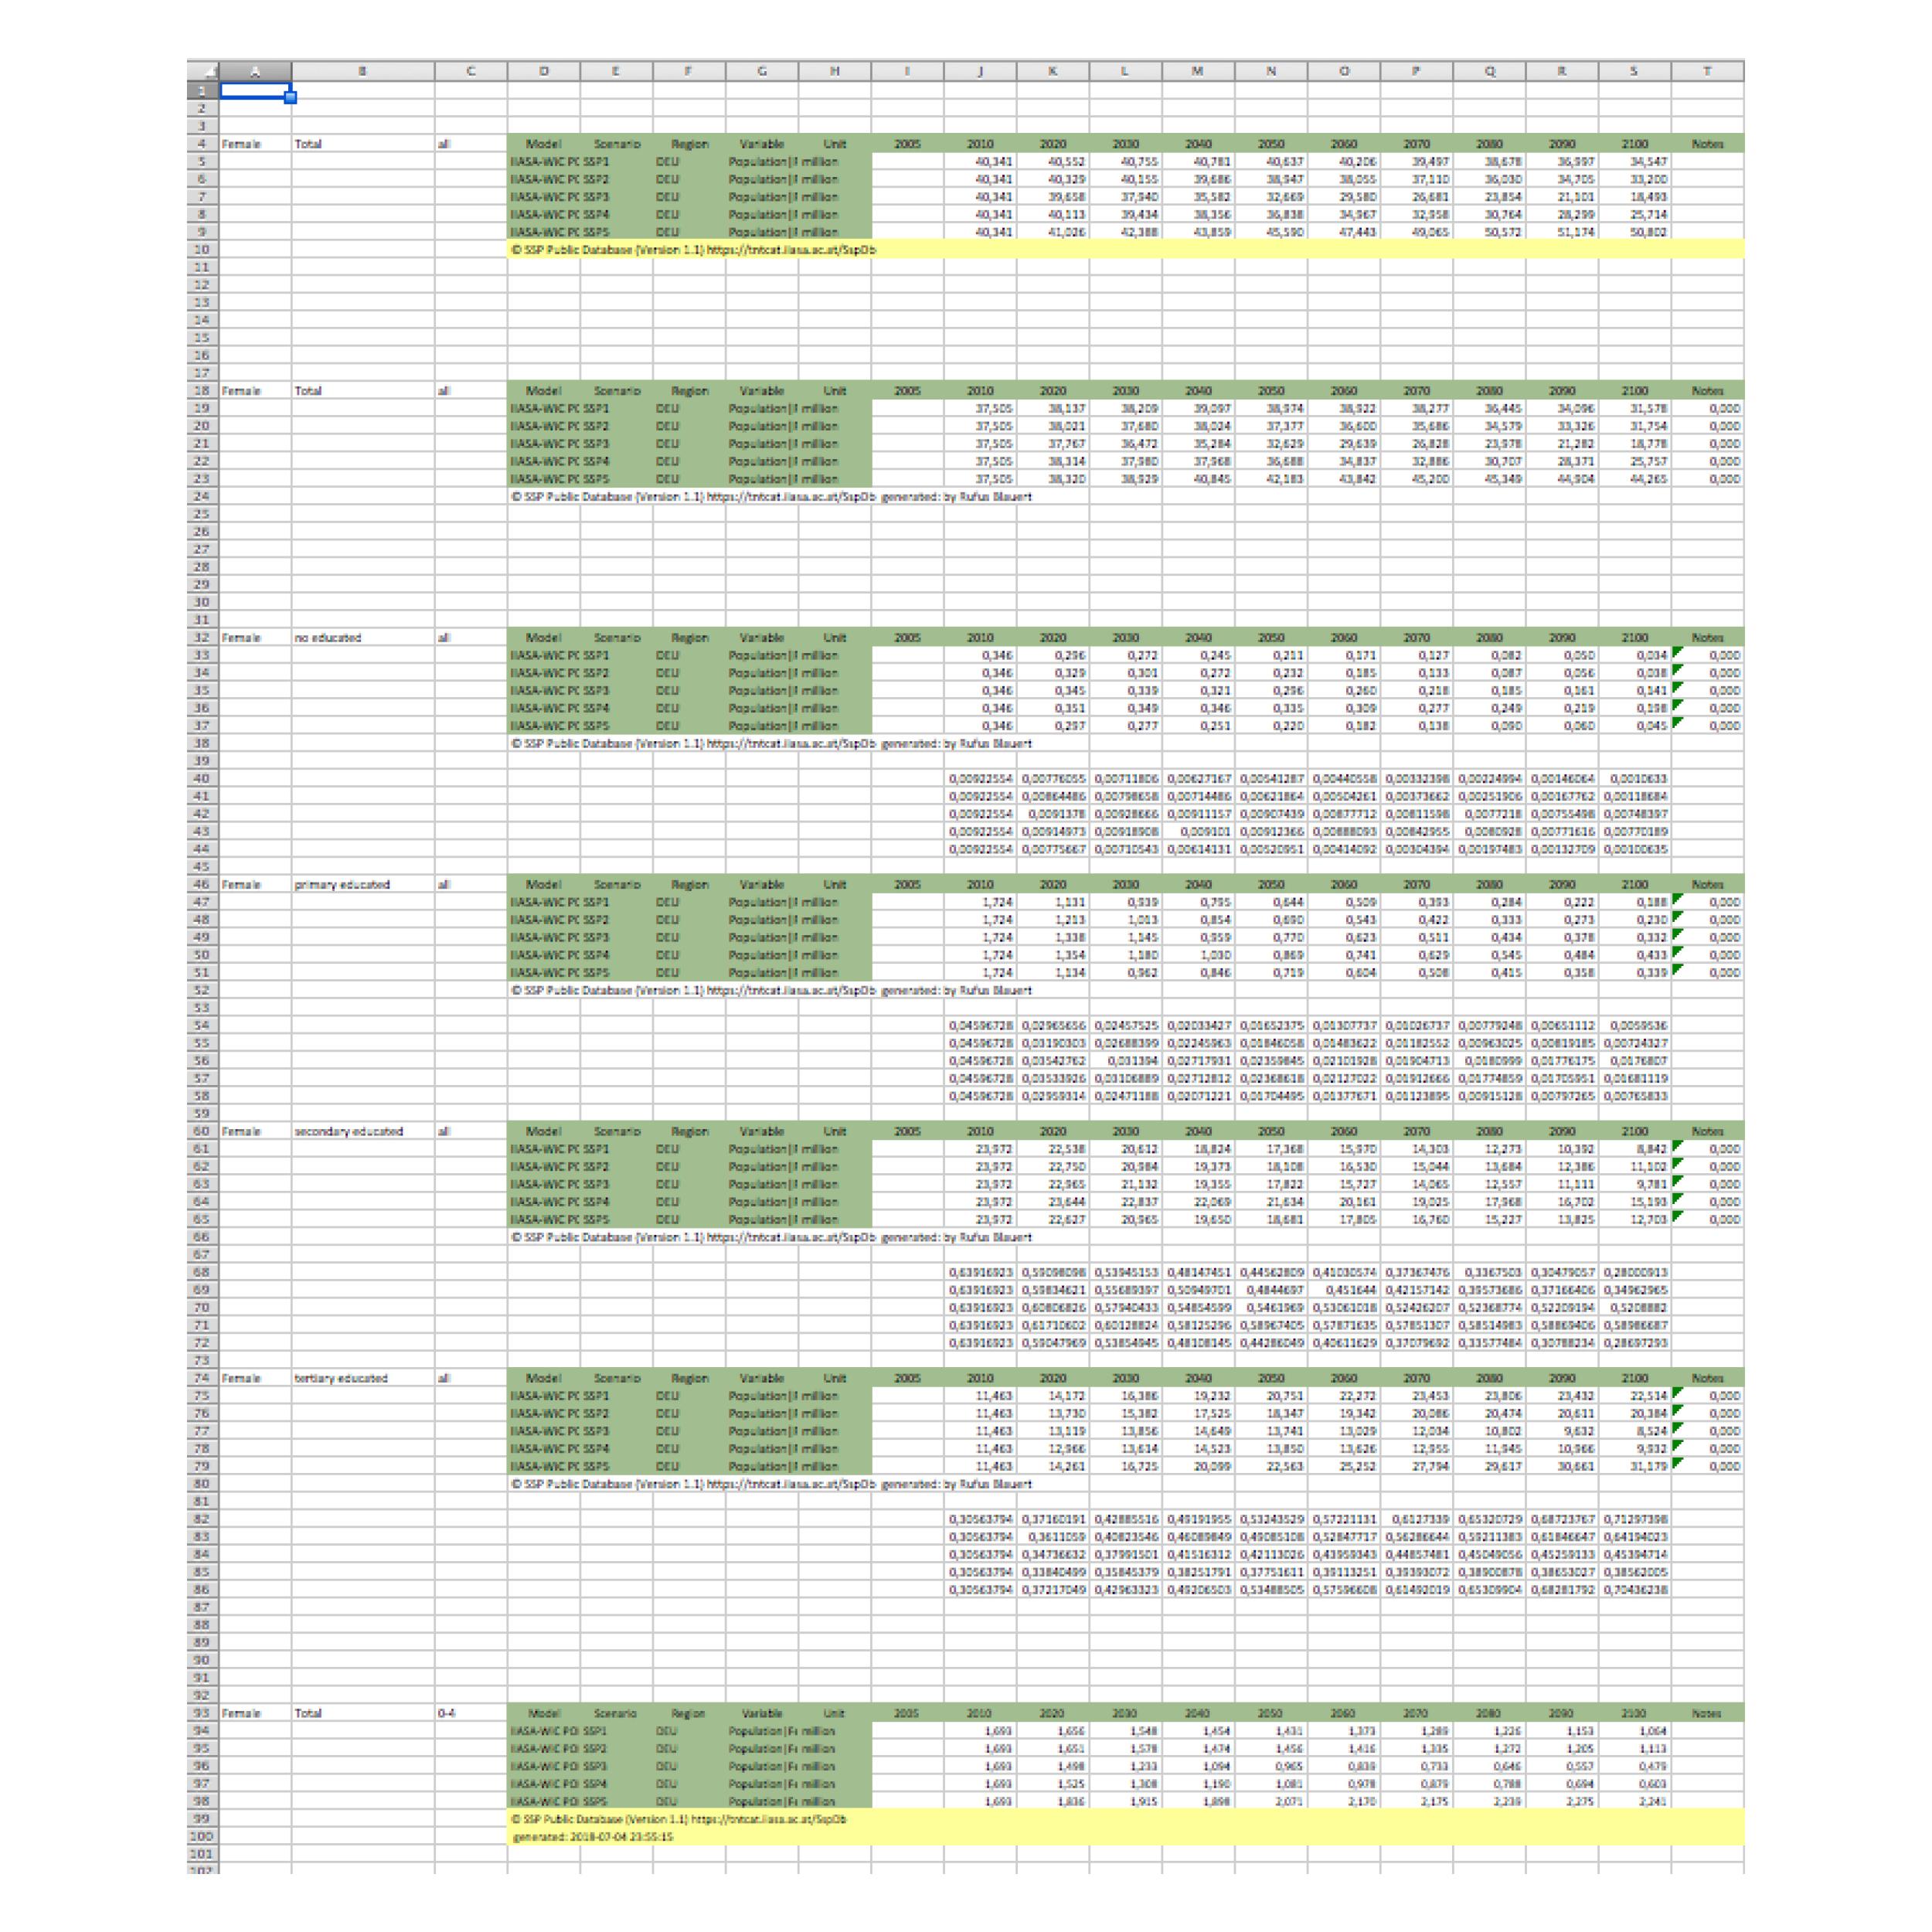 Um die Daten für männlich und weiblich zusammenführen zu können und eigene Berechnungen anstellen zu können, musste ich viele einzelne Dateien zusammenfügen und eine eigene erstellen. Ein individualisiertere Abfrage bietet das Tool zu dem Zeitpunkt noch nicht.